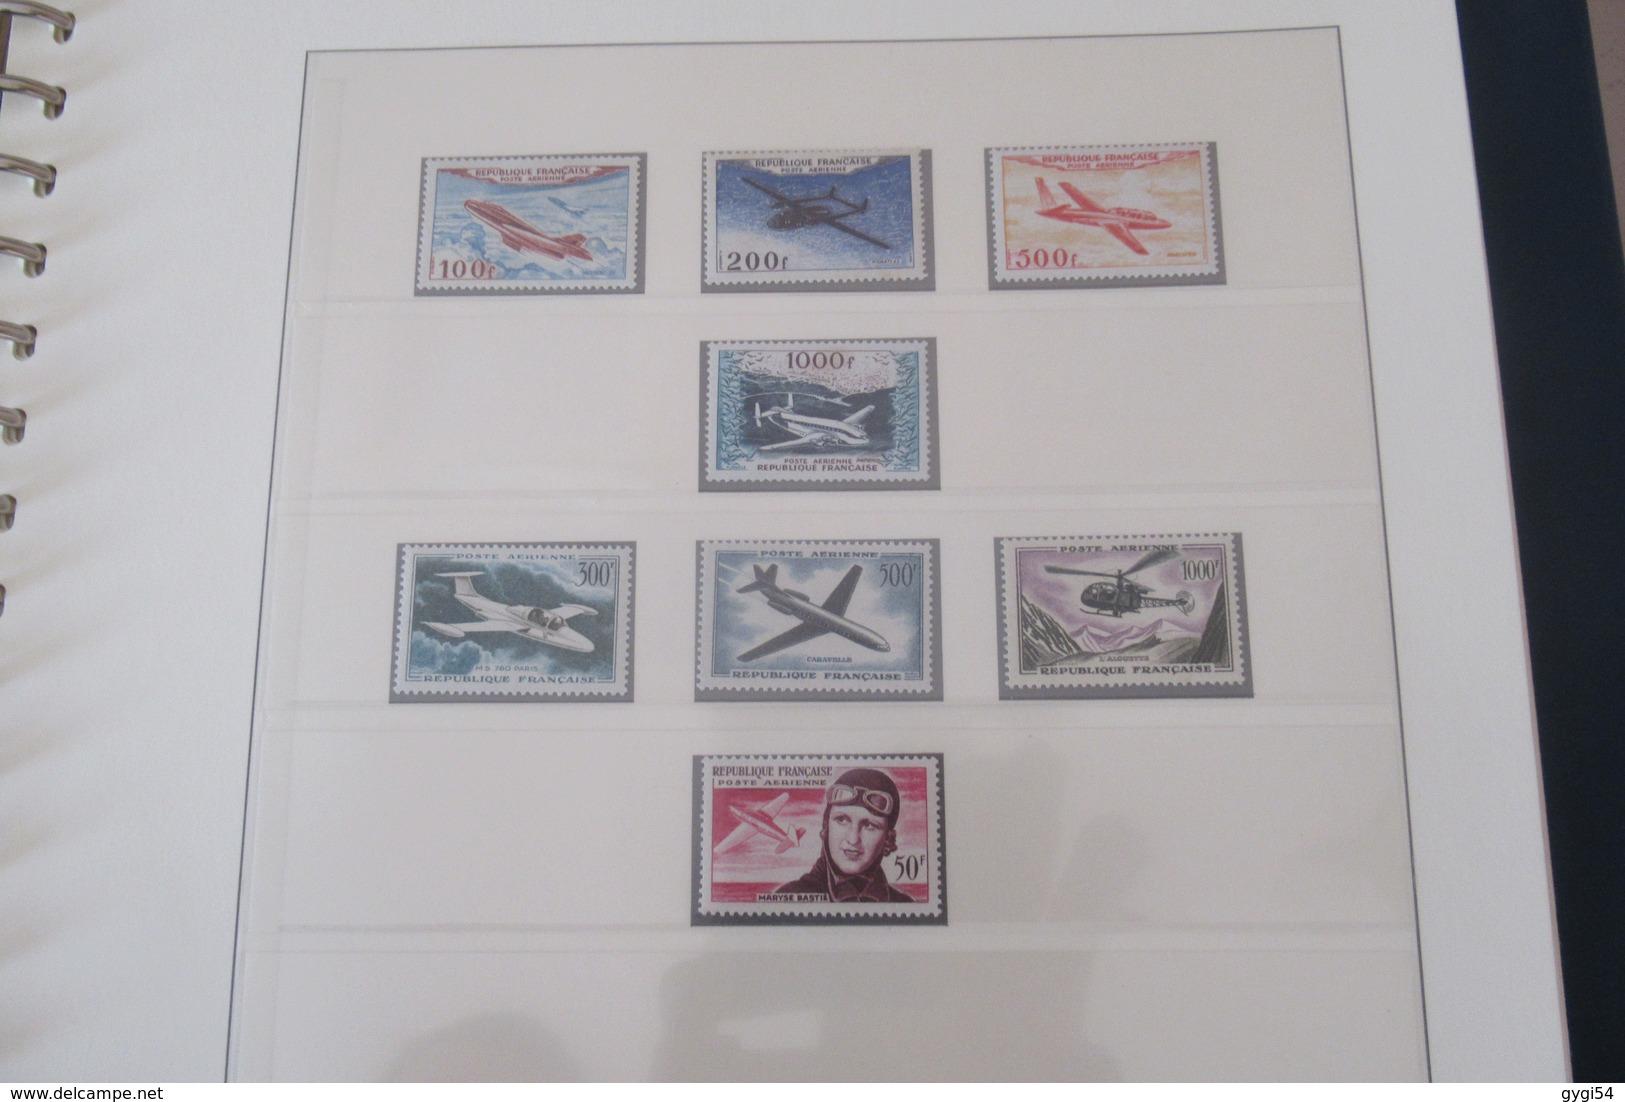 France 1953 - 1965 Cat Yt N° 940  à  1467 N** MNH  BLOC Philatec N°6 ET Poste Aérienne N° 30  à 41 N** MNH  COTE 2303 - Timbres